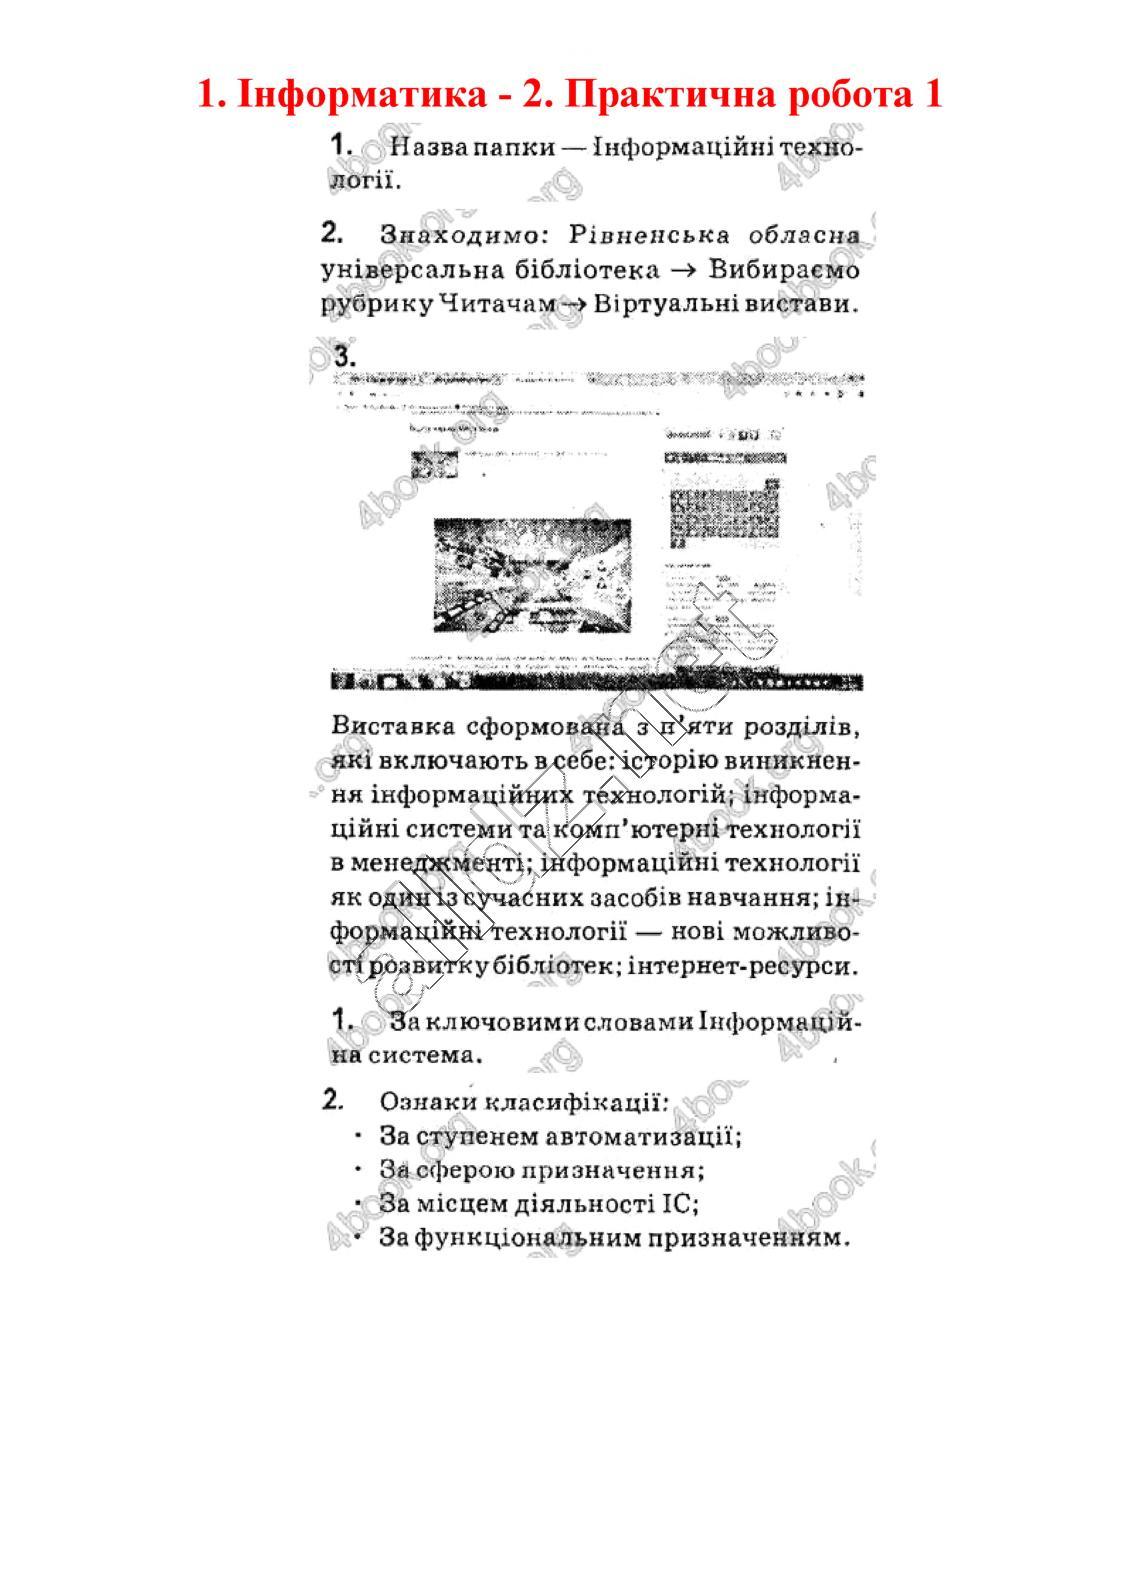 Відповіді Інформатика 9 клас Морзе 2017. ГДЗ.